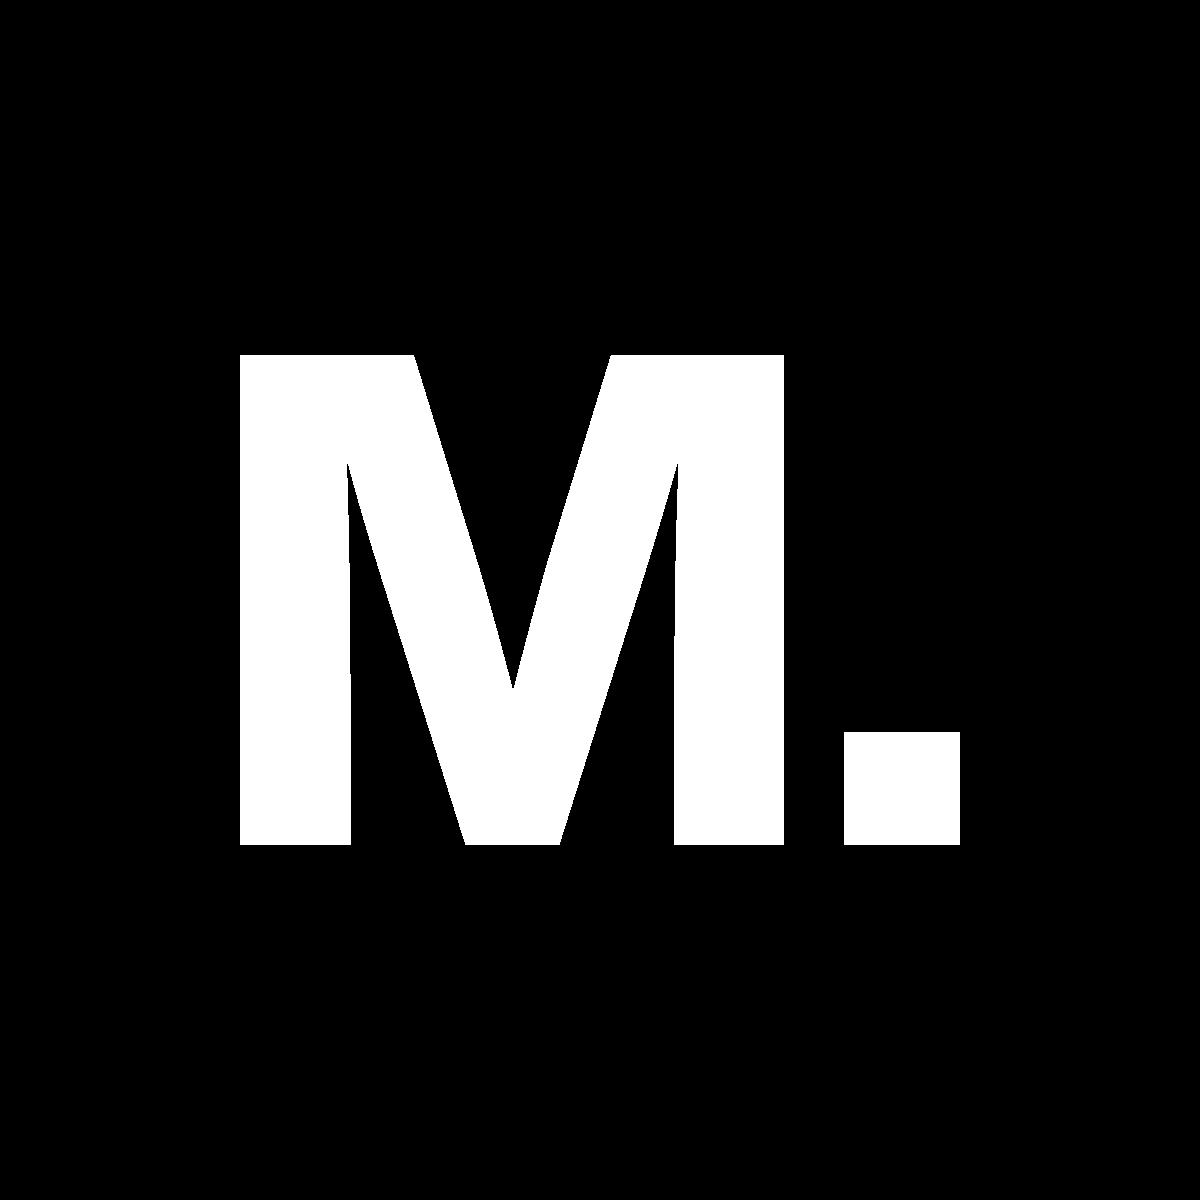 모노타입 로고